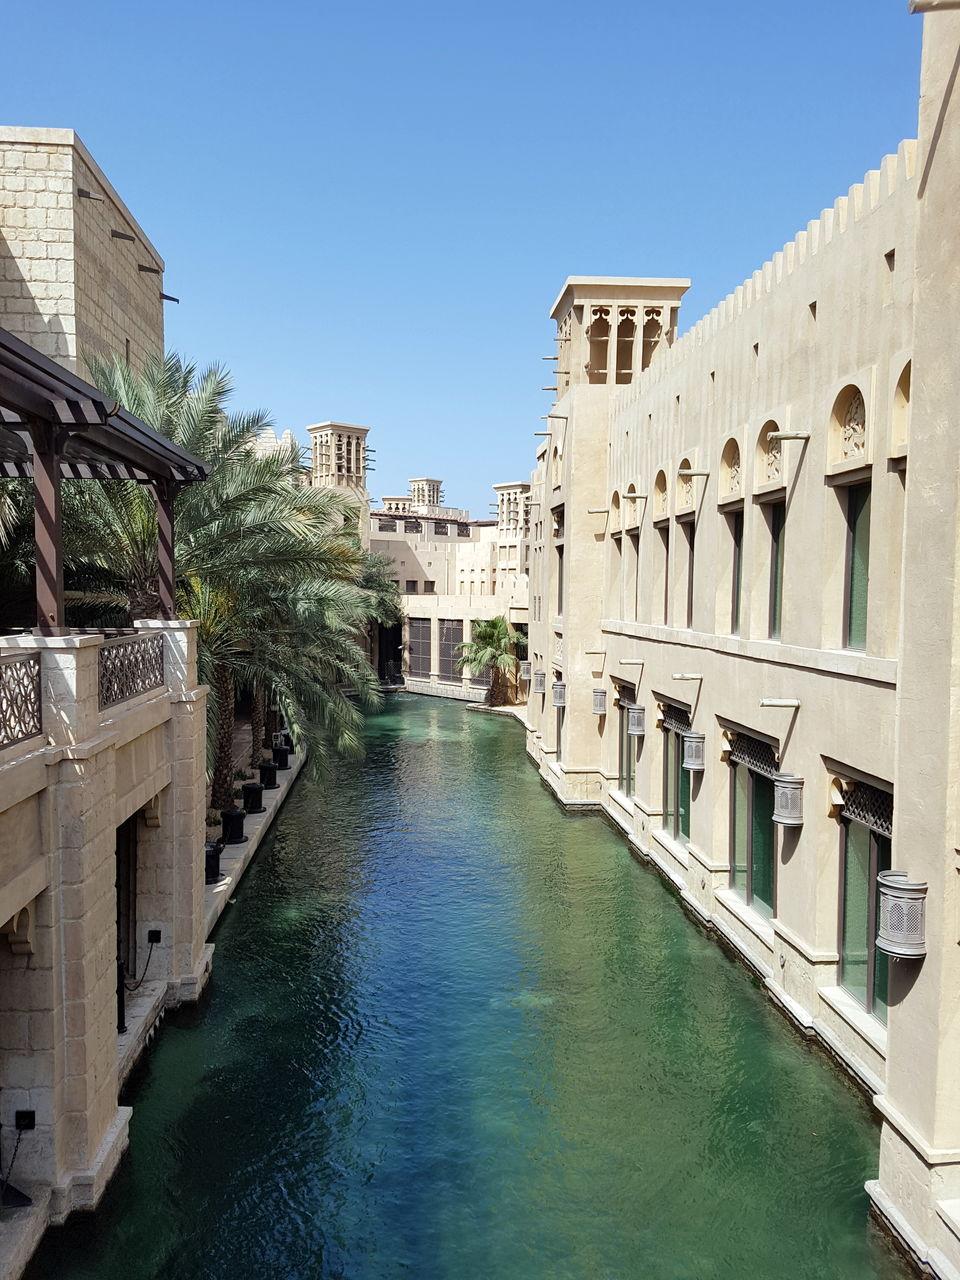 Photo of Souk Madinat Jumeirah - Dubai - United Arab Emirates by Shahzad  Siddiqui